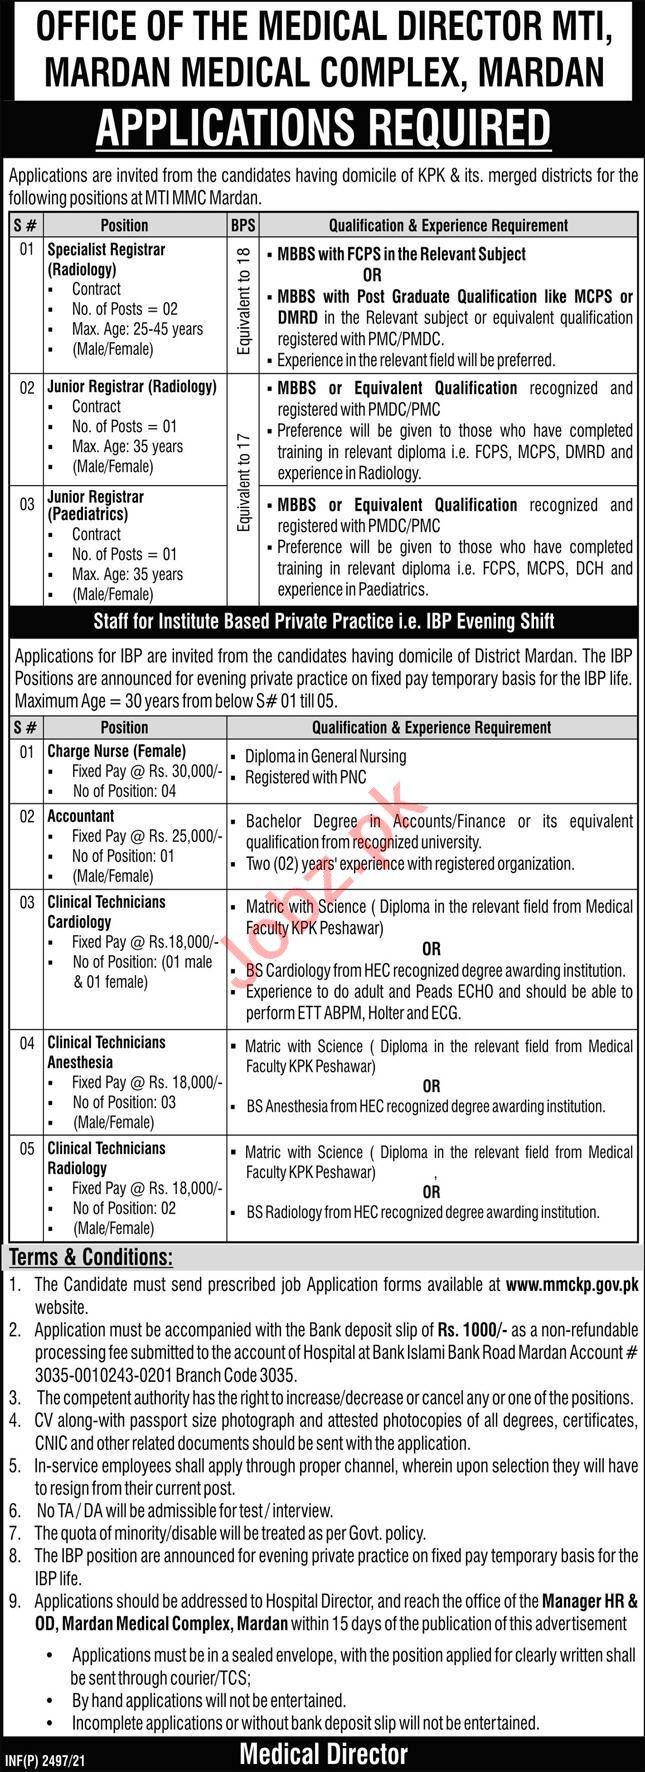 Mardan Medical Complex MTI Jobs 2021 Specialist Registrar